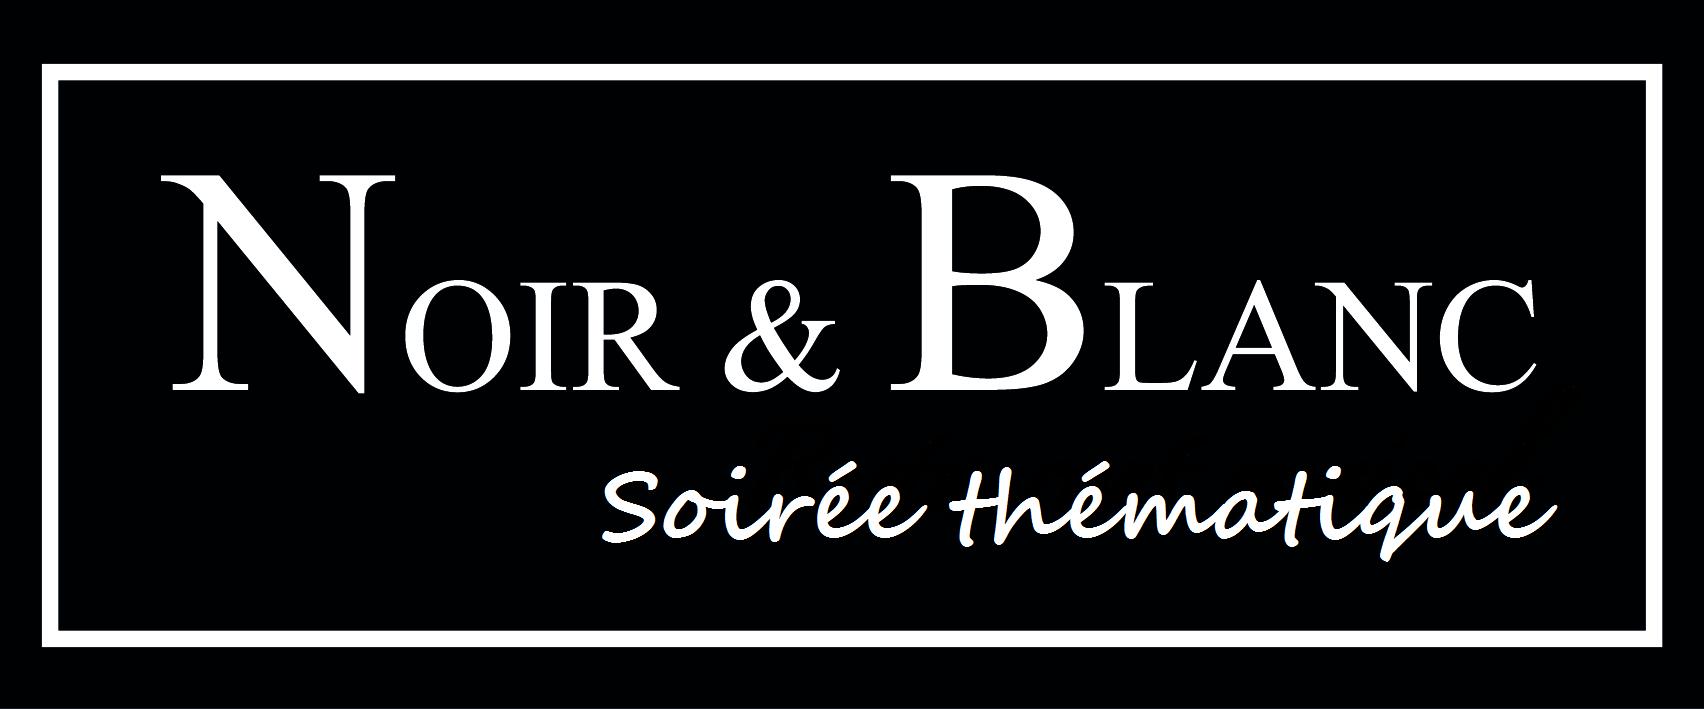 soiree-thematique-noir-et-blanc-2